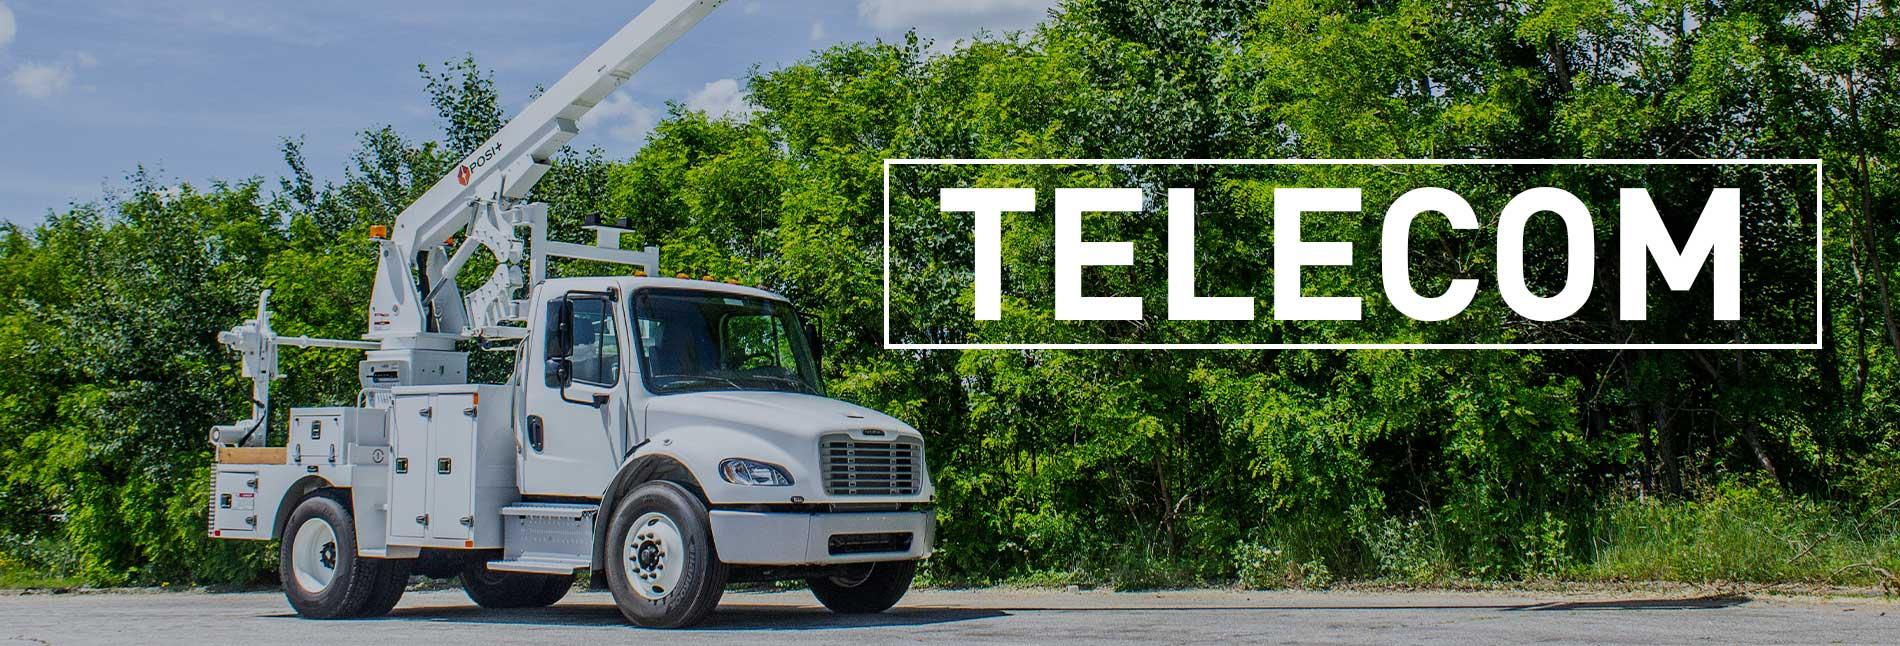 Telecom Equipment